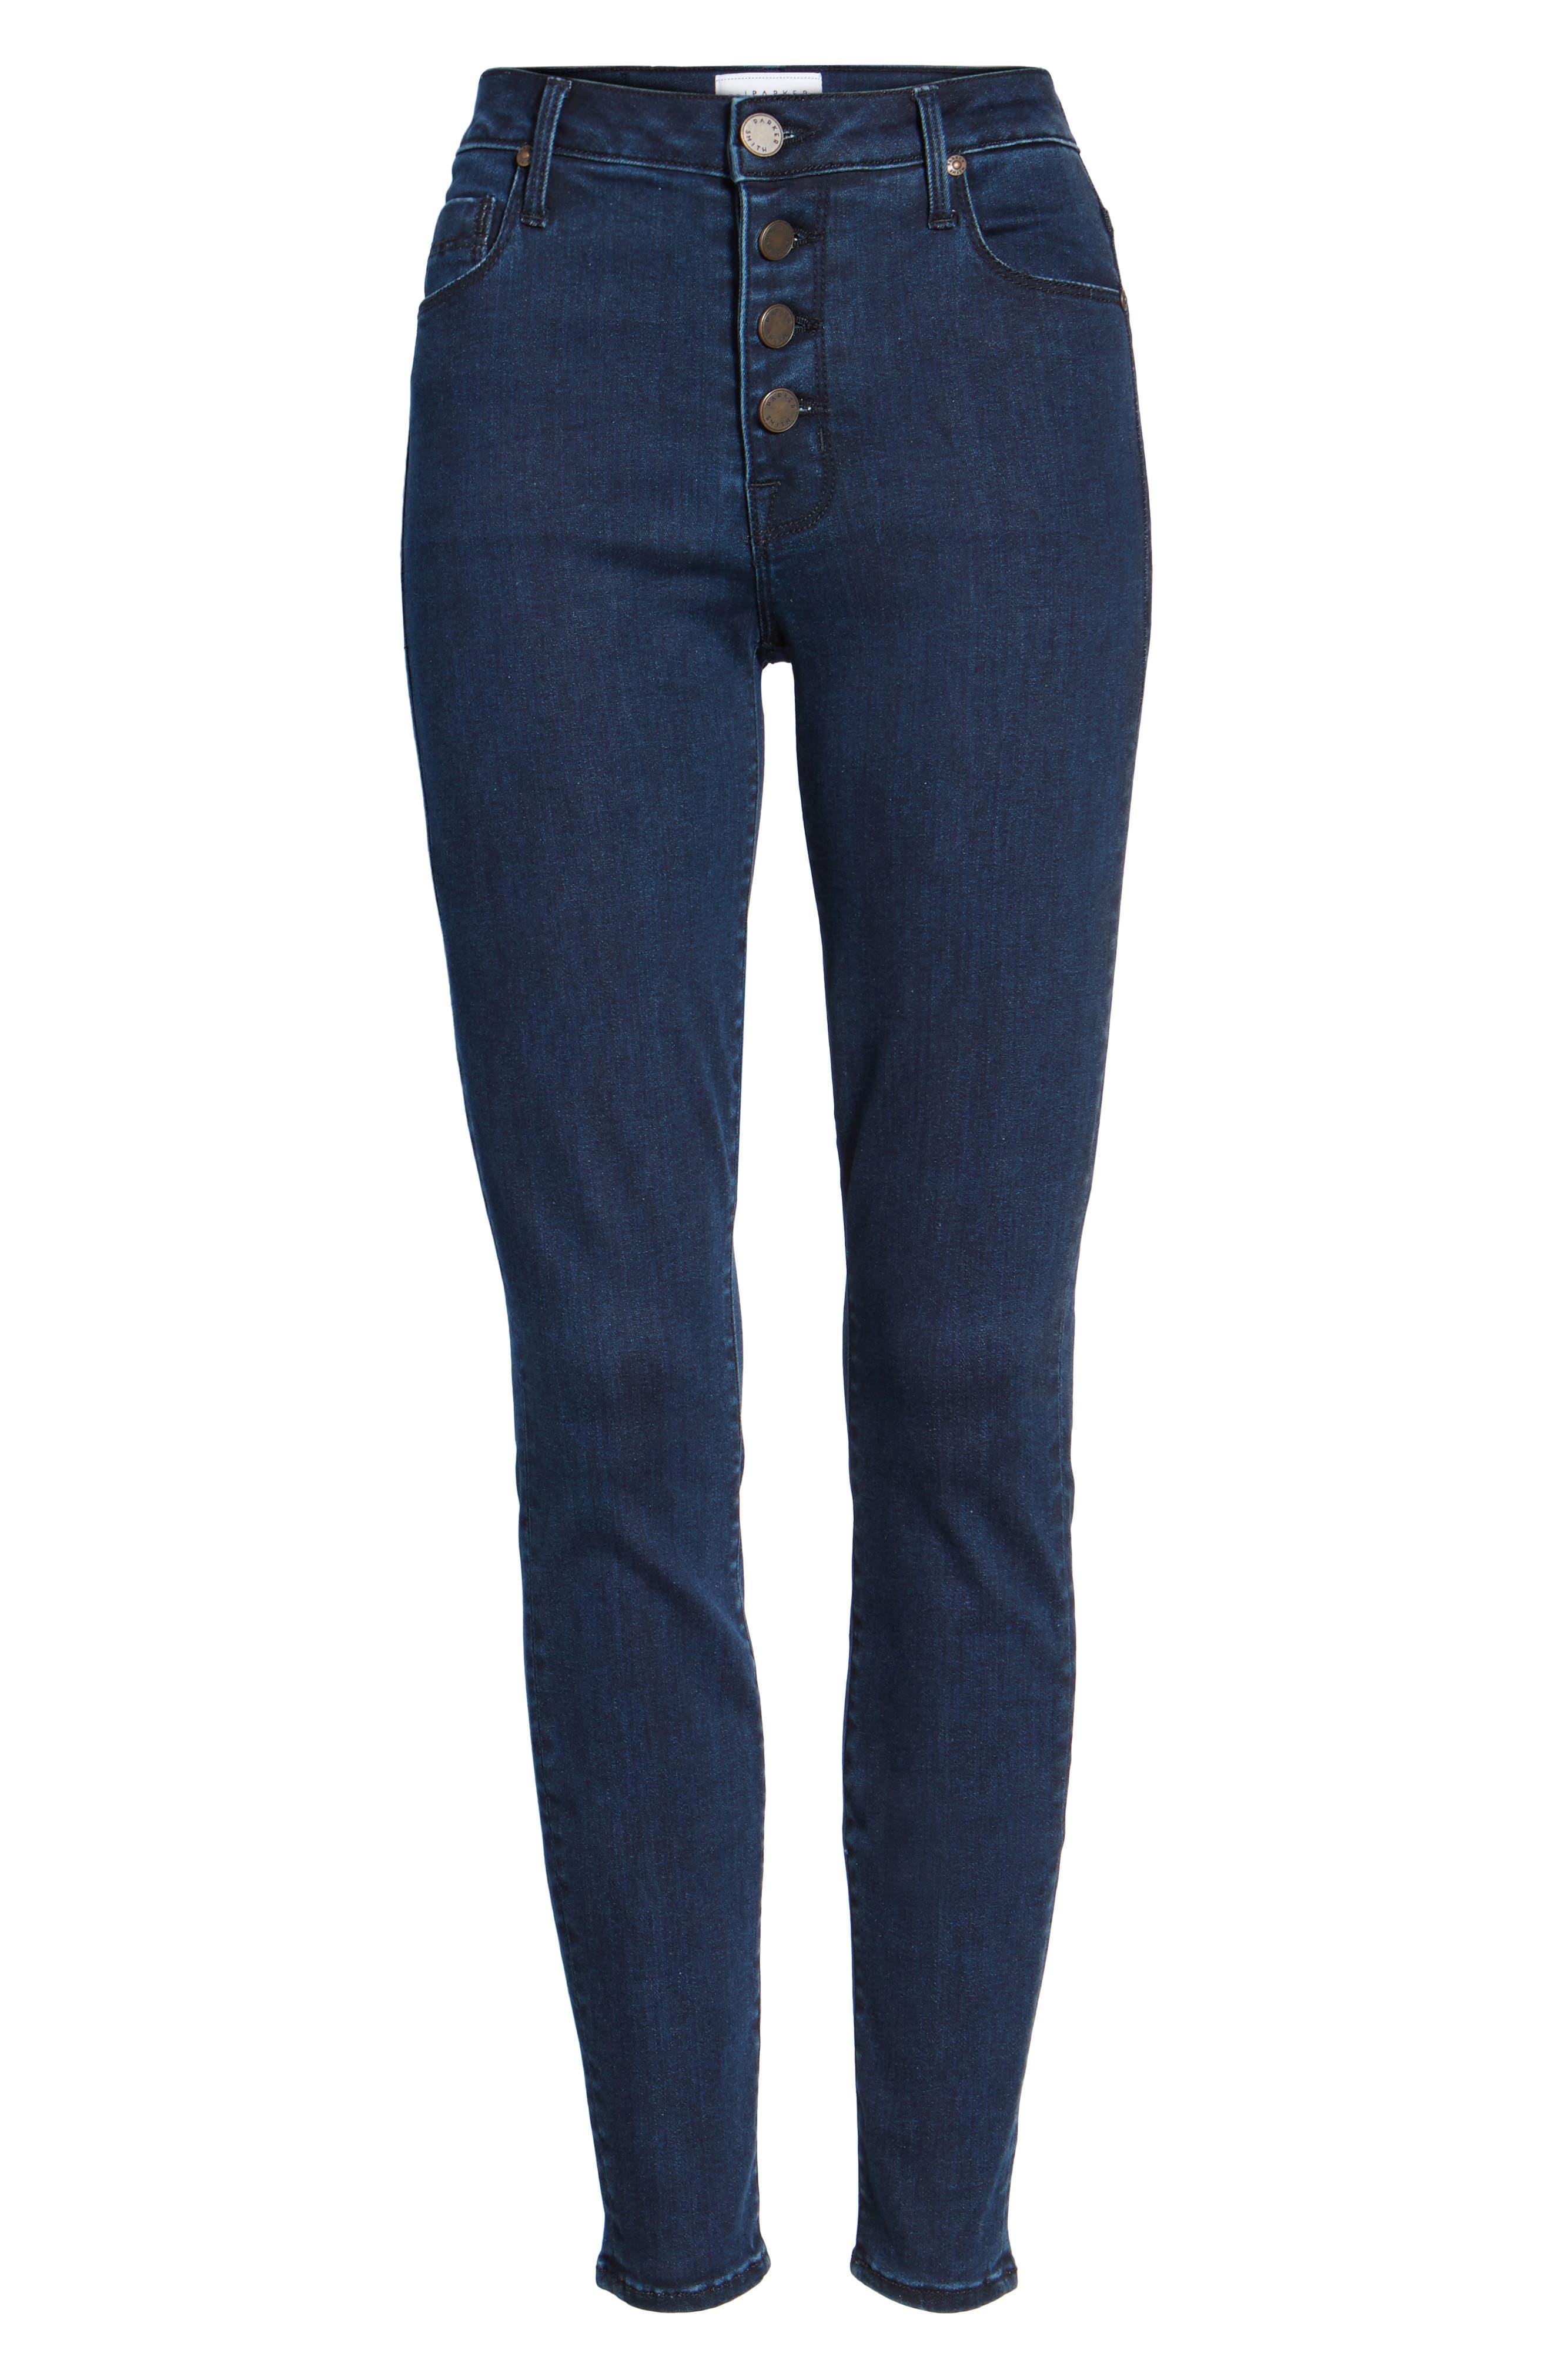 Bombshell High Waist Skinny Jeans,                             Alternate thumbnail 7, color,                             401